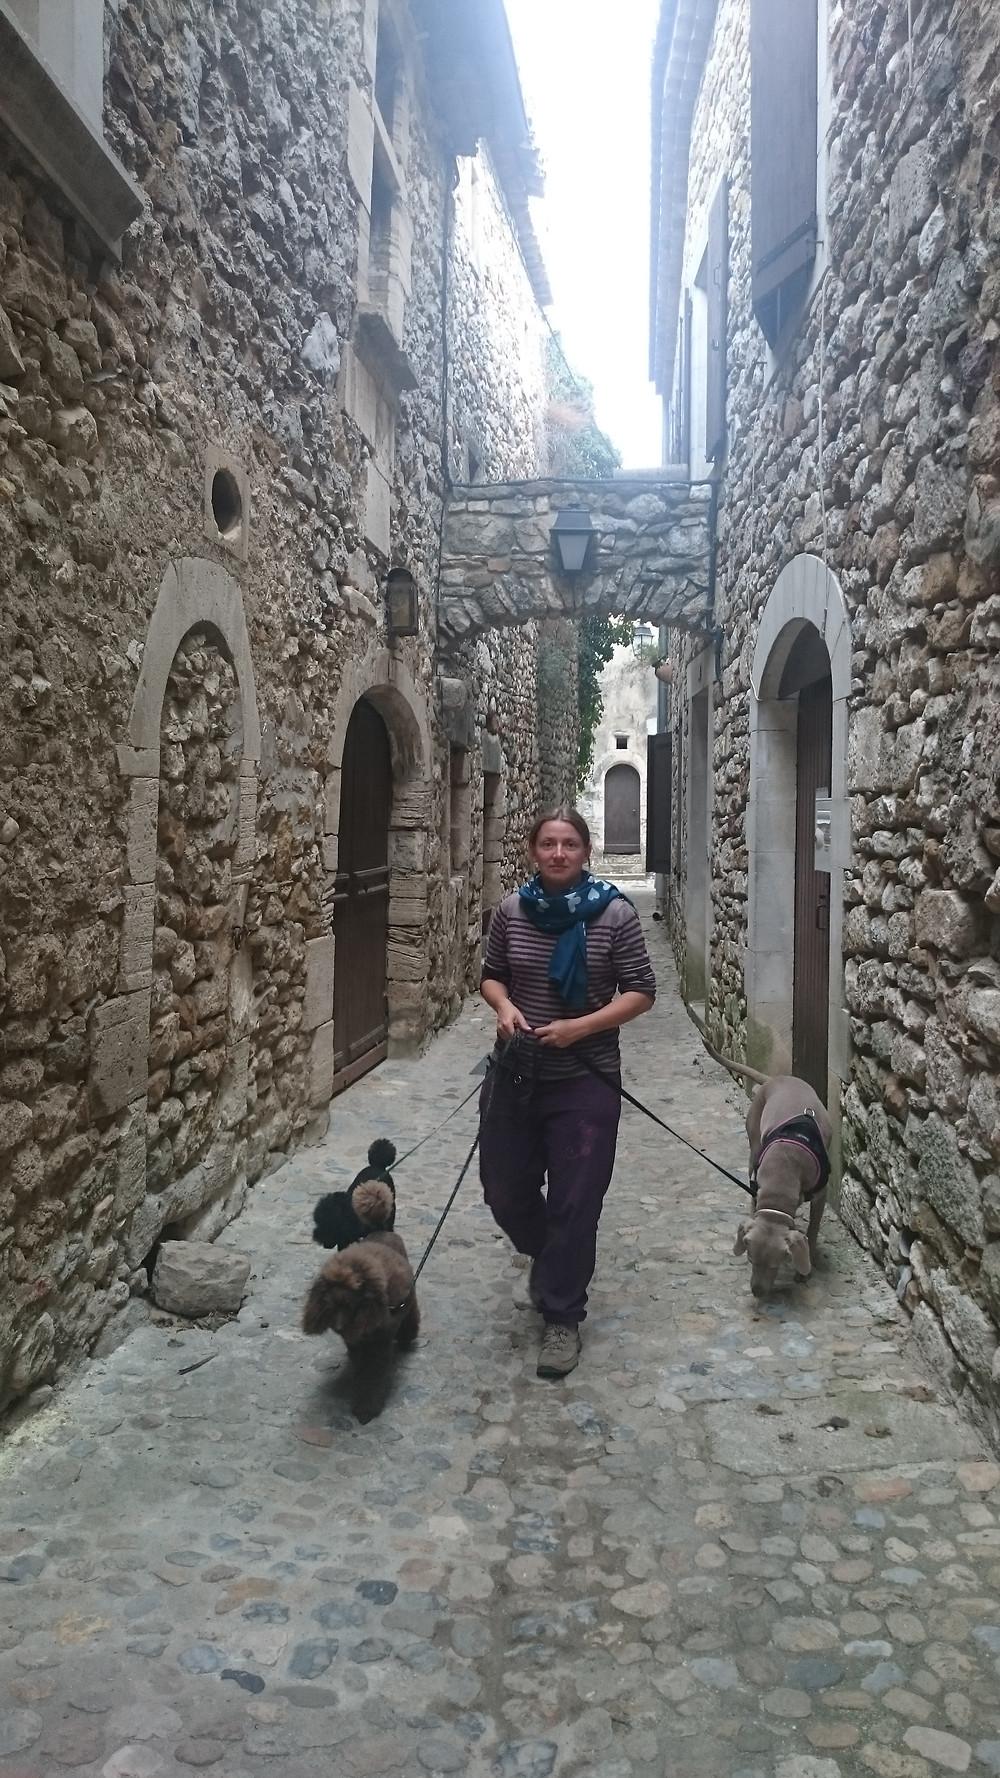 Rue d'un des plus beaux villages d'Ardèches.